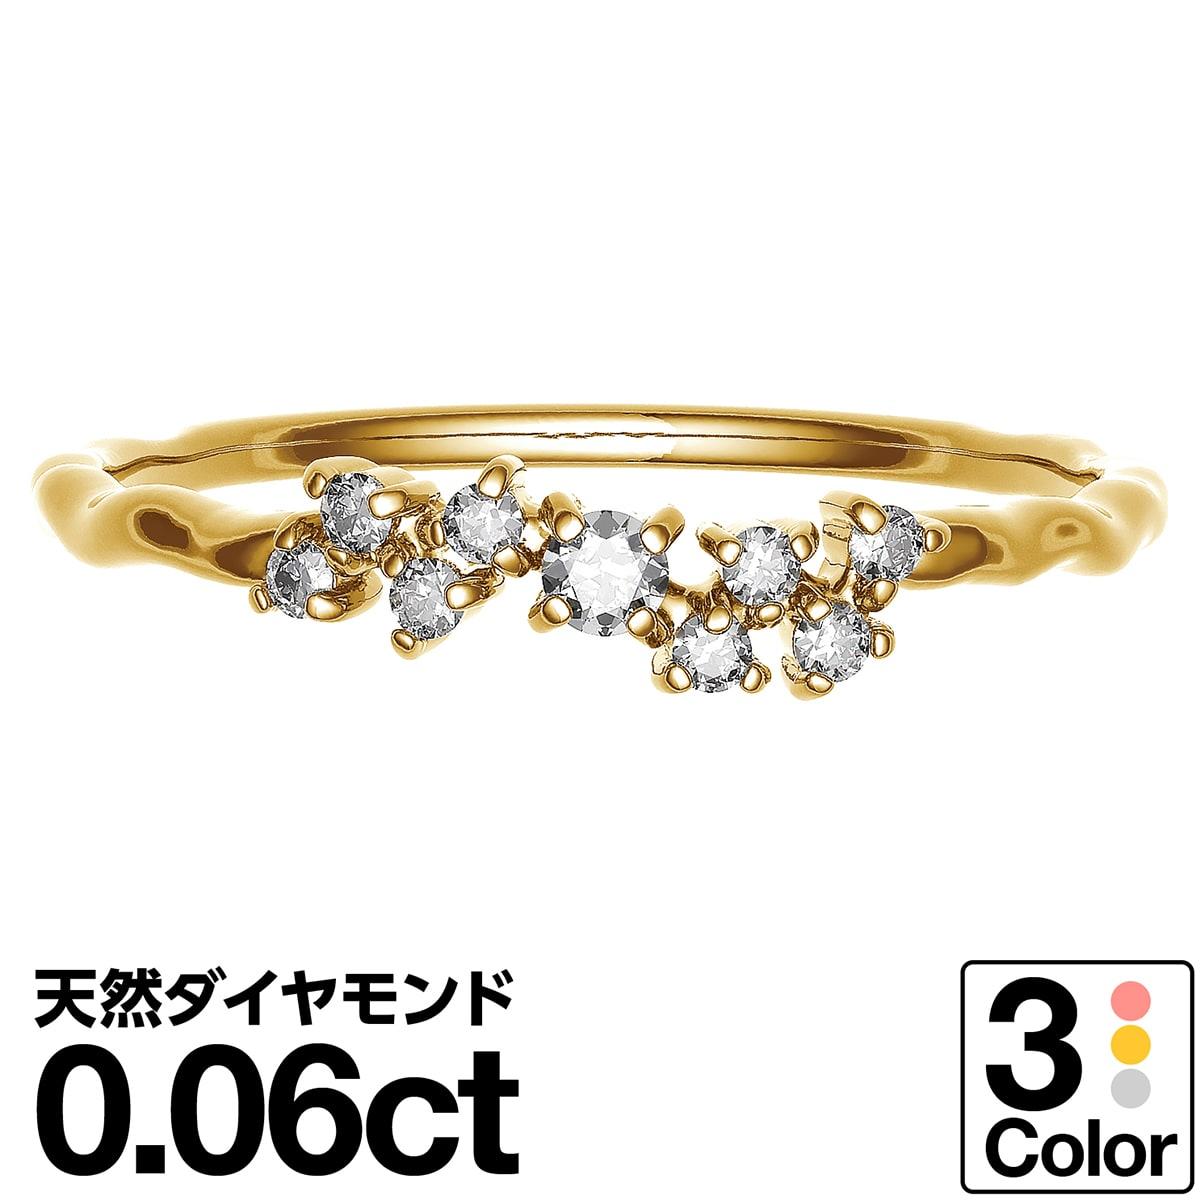 【送料無料】 ダイヤモンド リング k18 イエローゴールド/ホワイトゴールド/ピンクゴールド ファッションリング 品質保証書 金属アレルギー 日本製 誕生日 ギフト